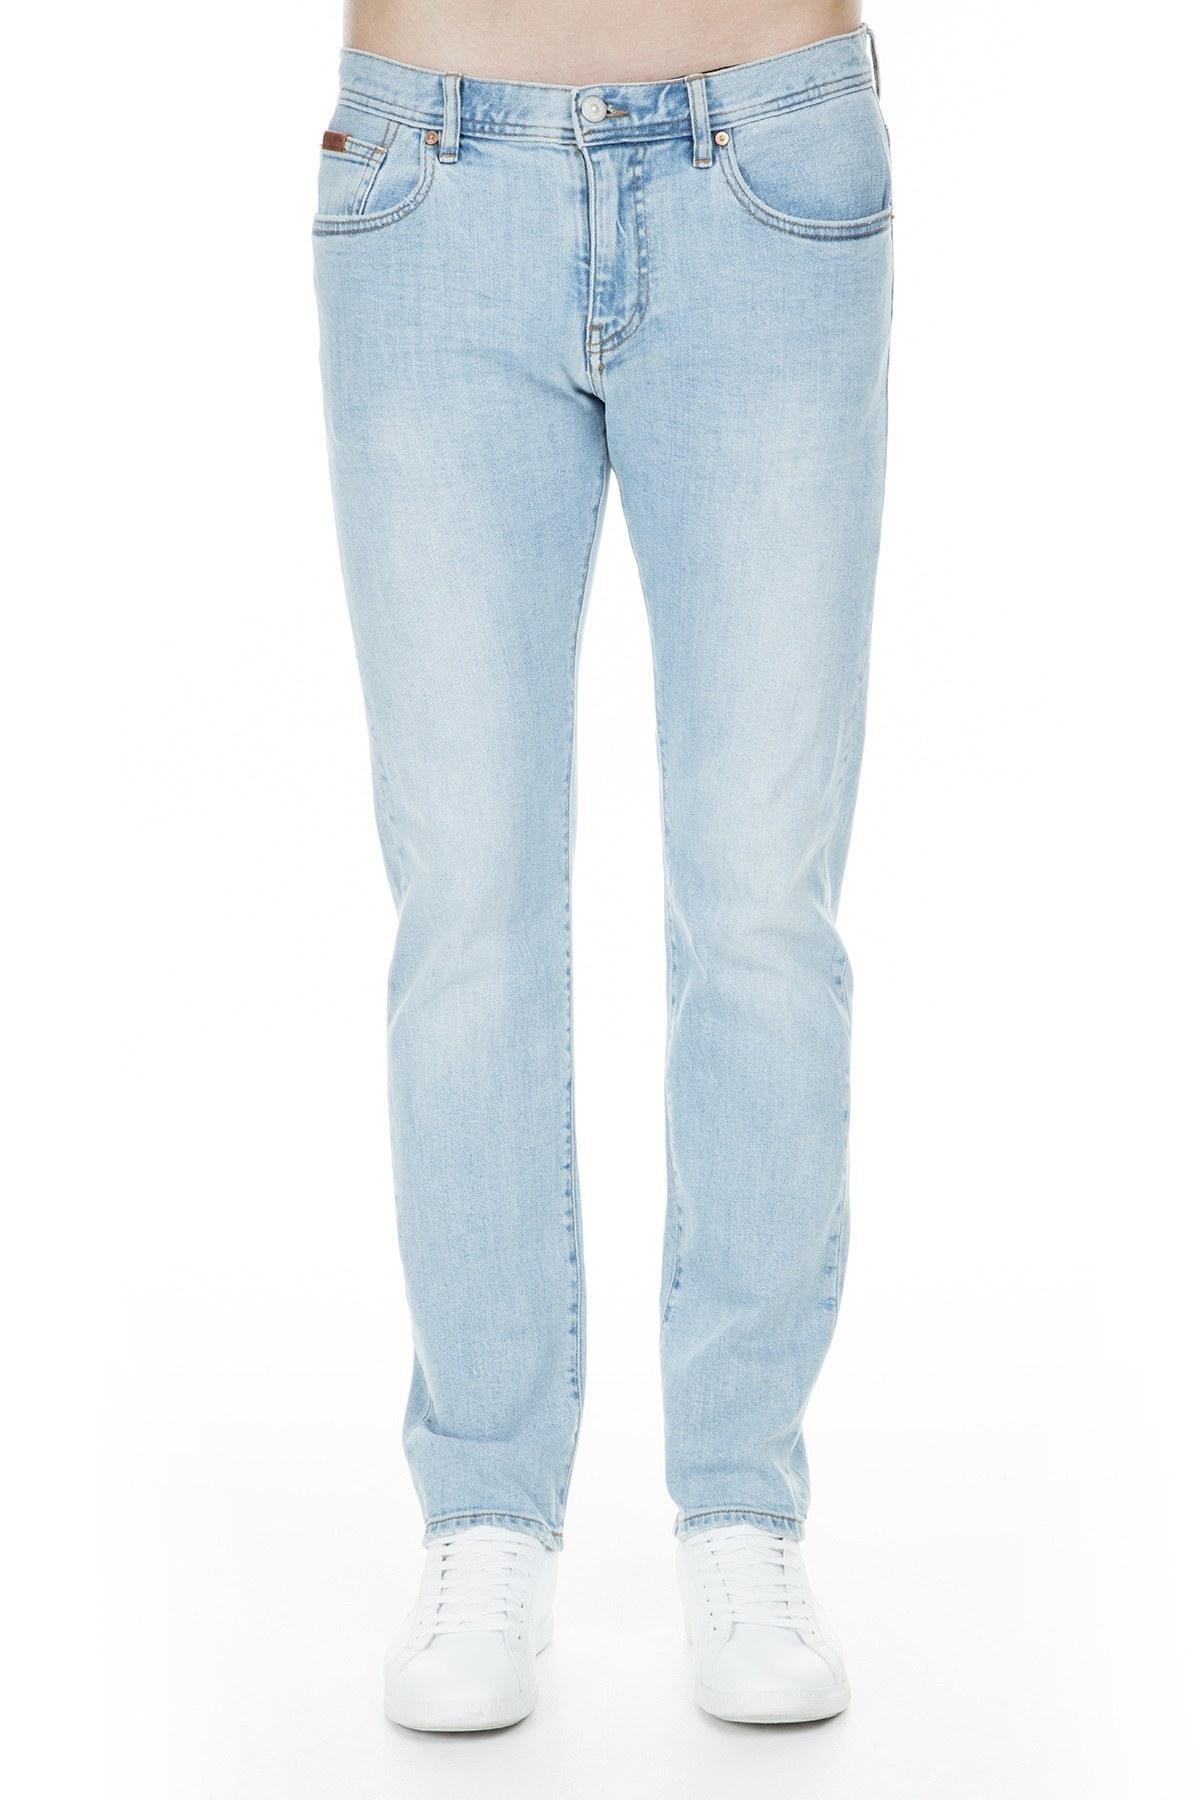 Armani Exchange J13 Jeans Erkek Kot Pantolon 3GZJ13 Z1HVZ 1500 AÇIK MAVİ